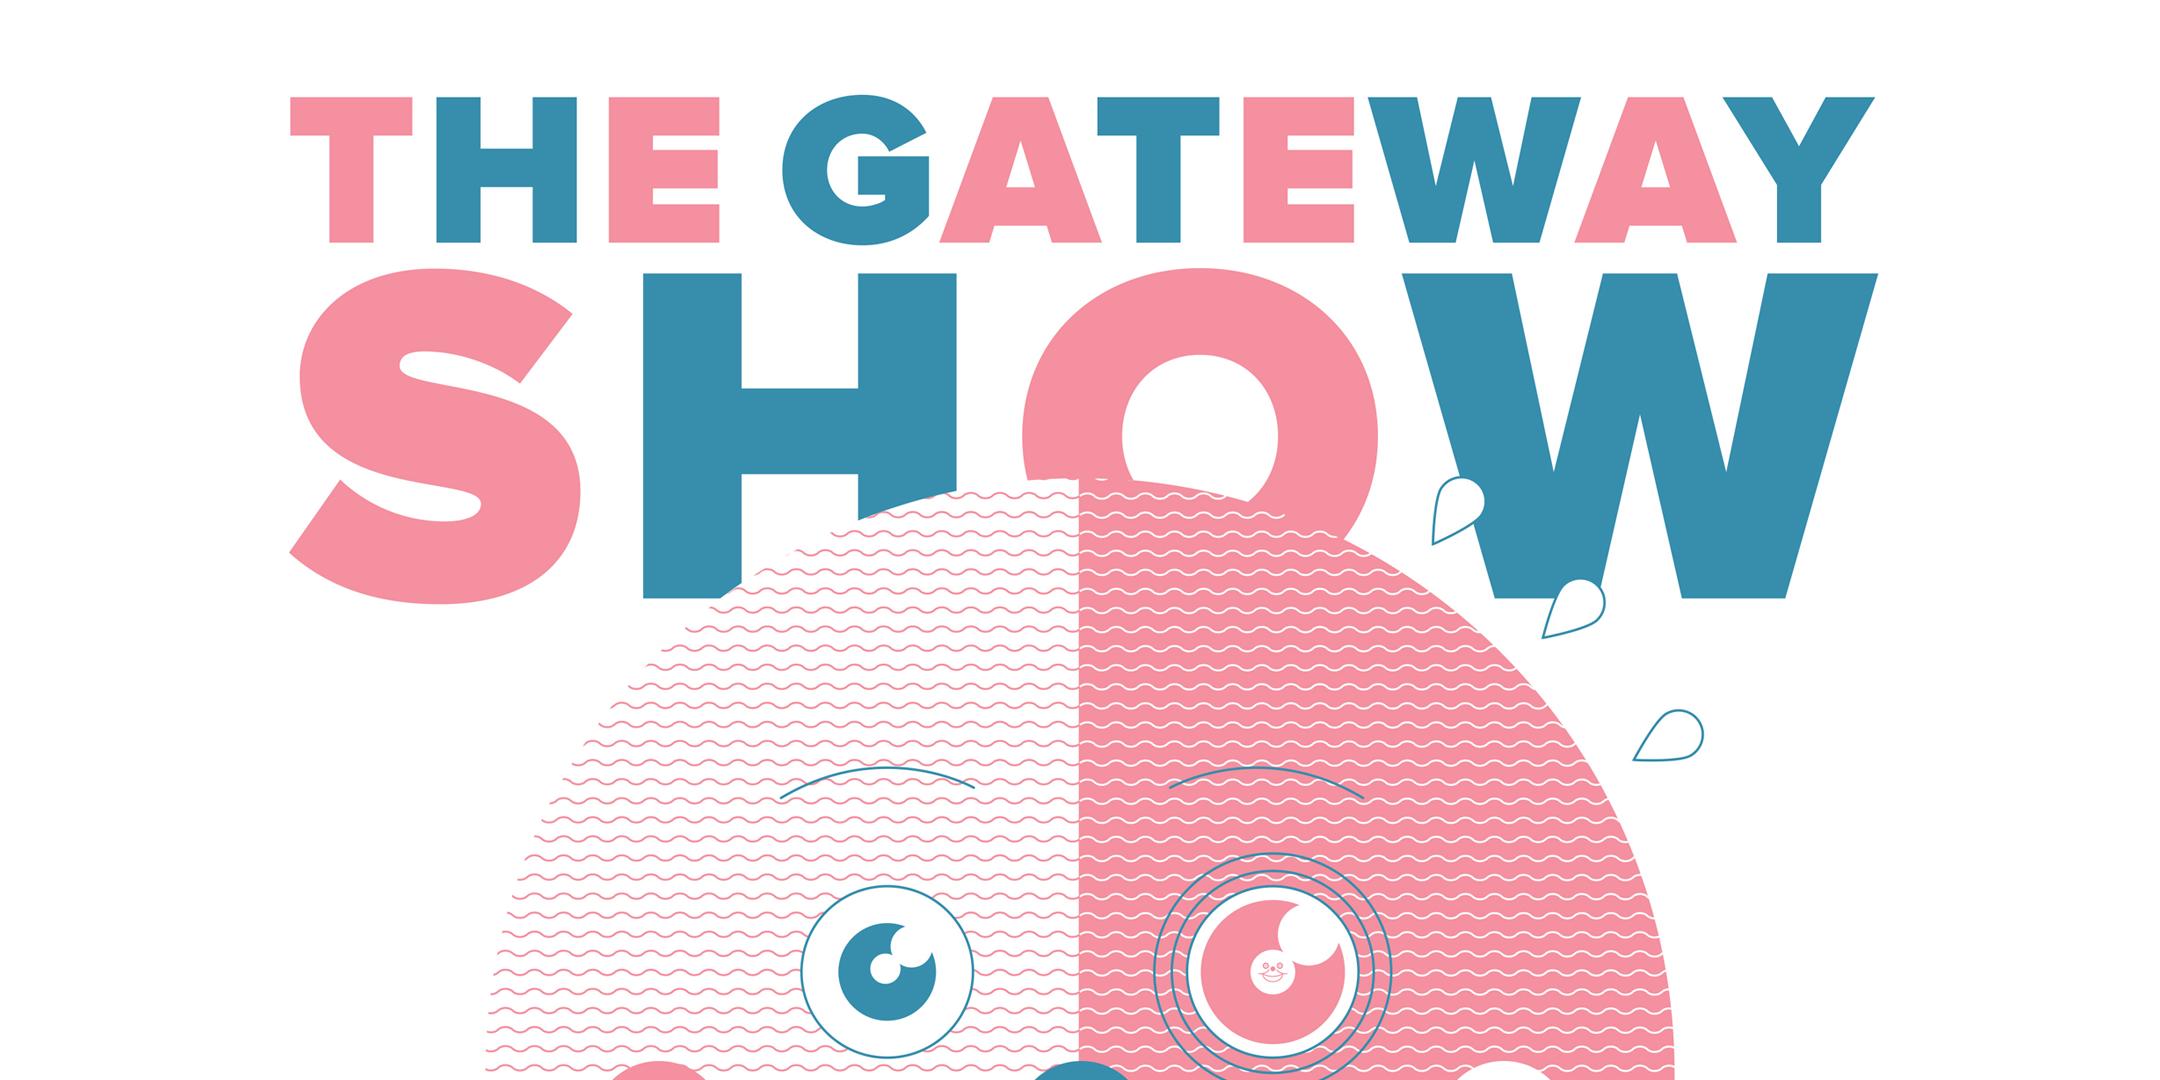 The Gateway Show - San Diego